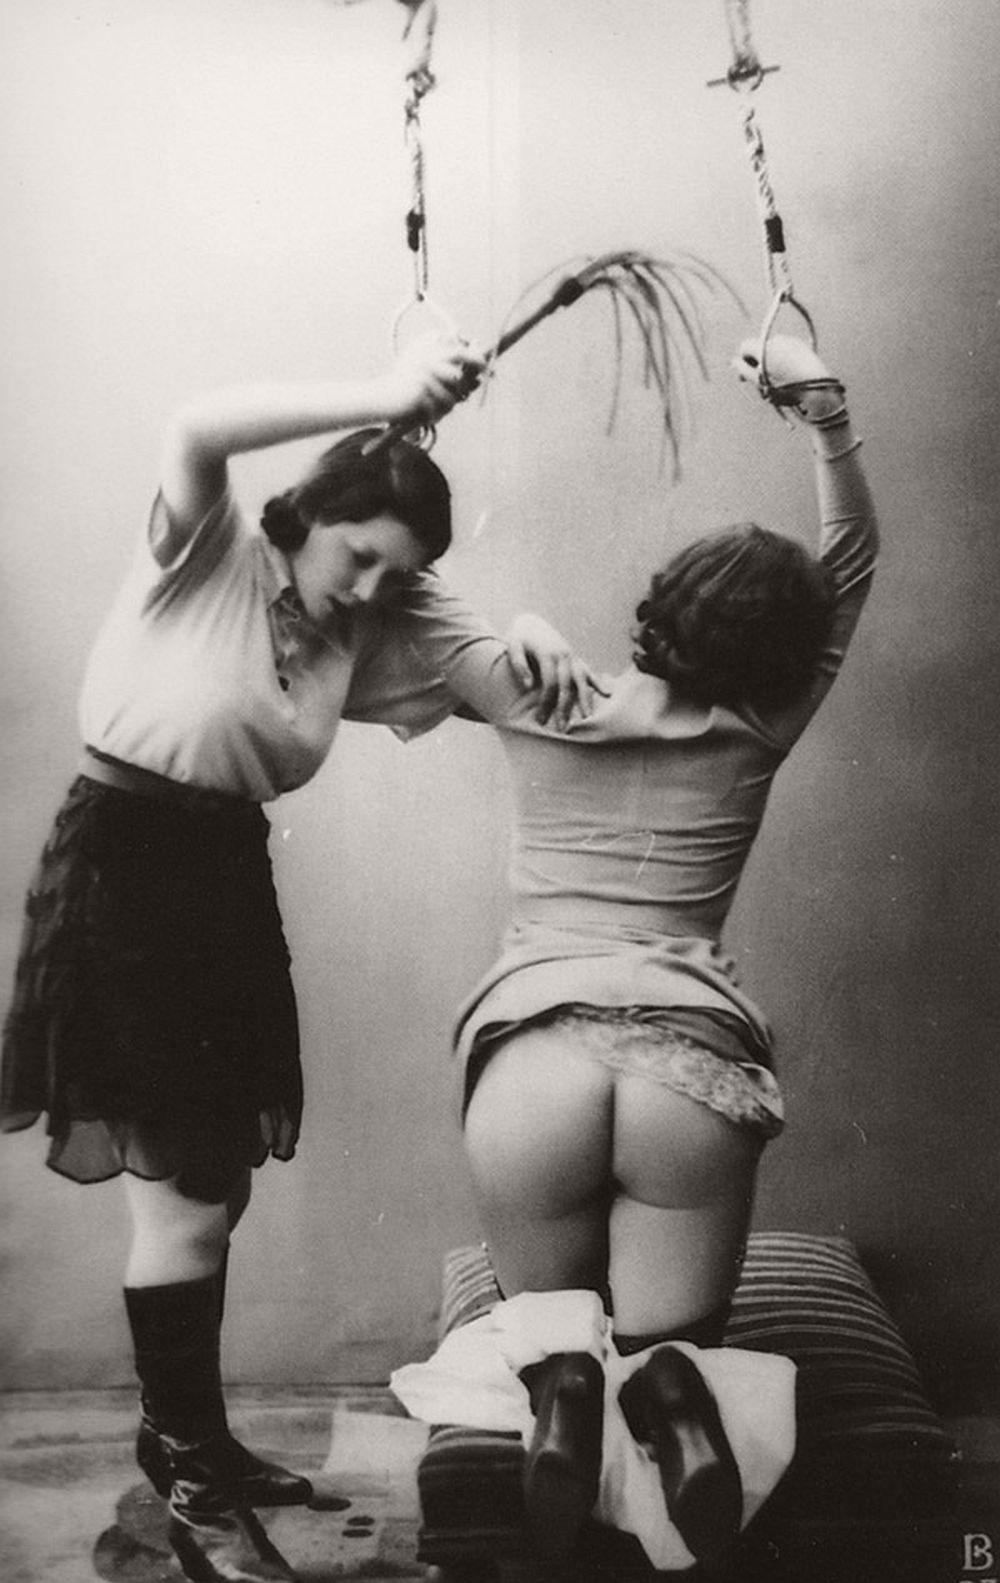 retro-vintage-nudes-erotica-1920s-11